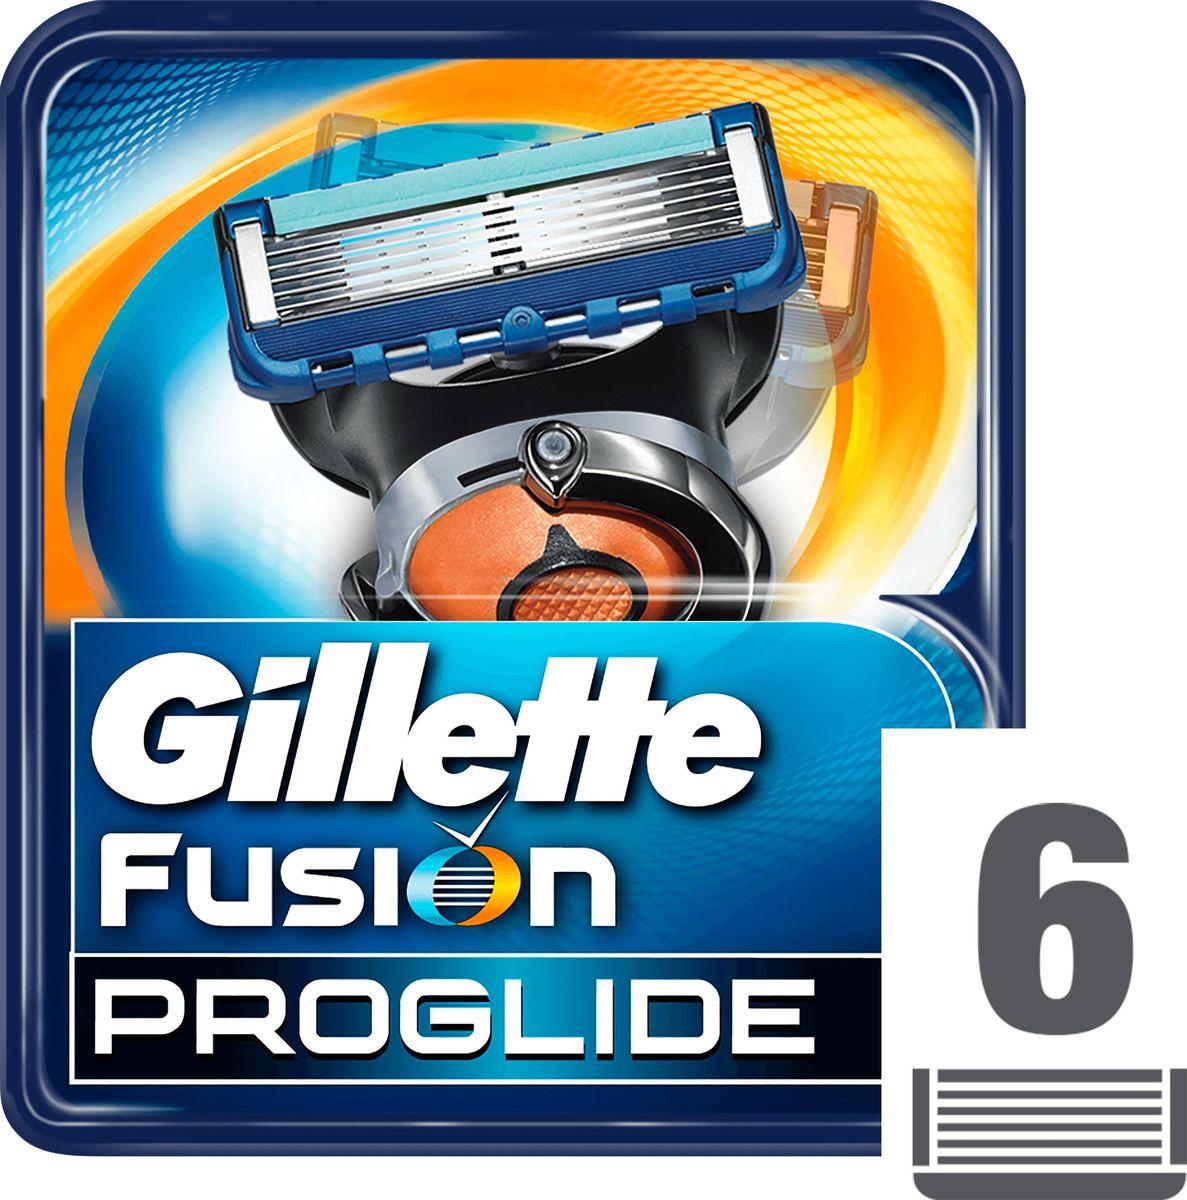 Gillette Fusion ProGlide Сменные кассеты для мужской бритвы, 6 шт nokotion original 773370 601 773370 001 laptop motherboard for hp envy 17 j01 17 j hm87 840m 2gb graphics memory mainboard